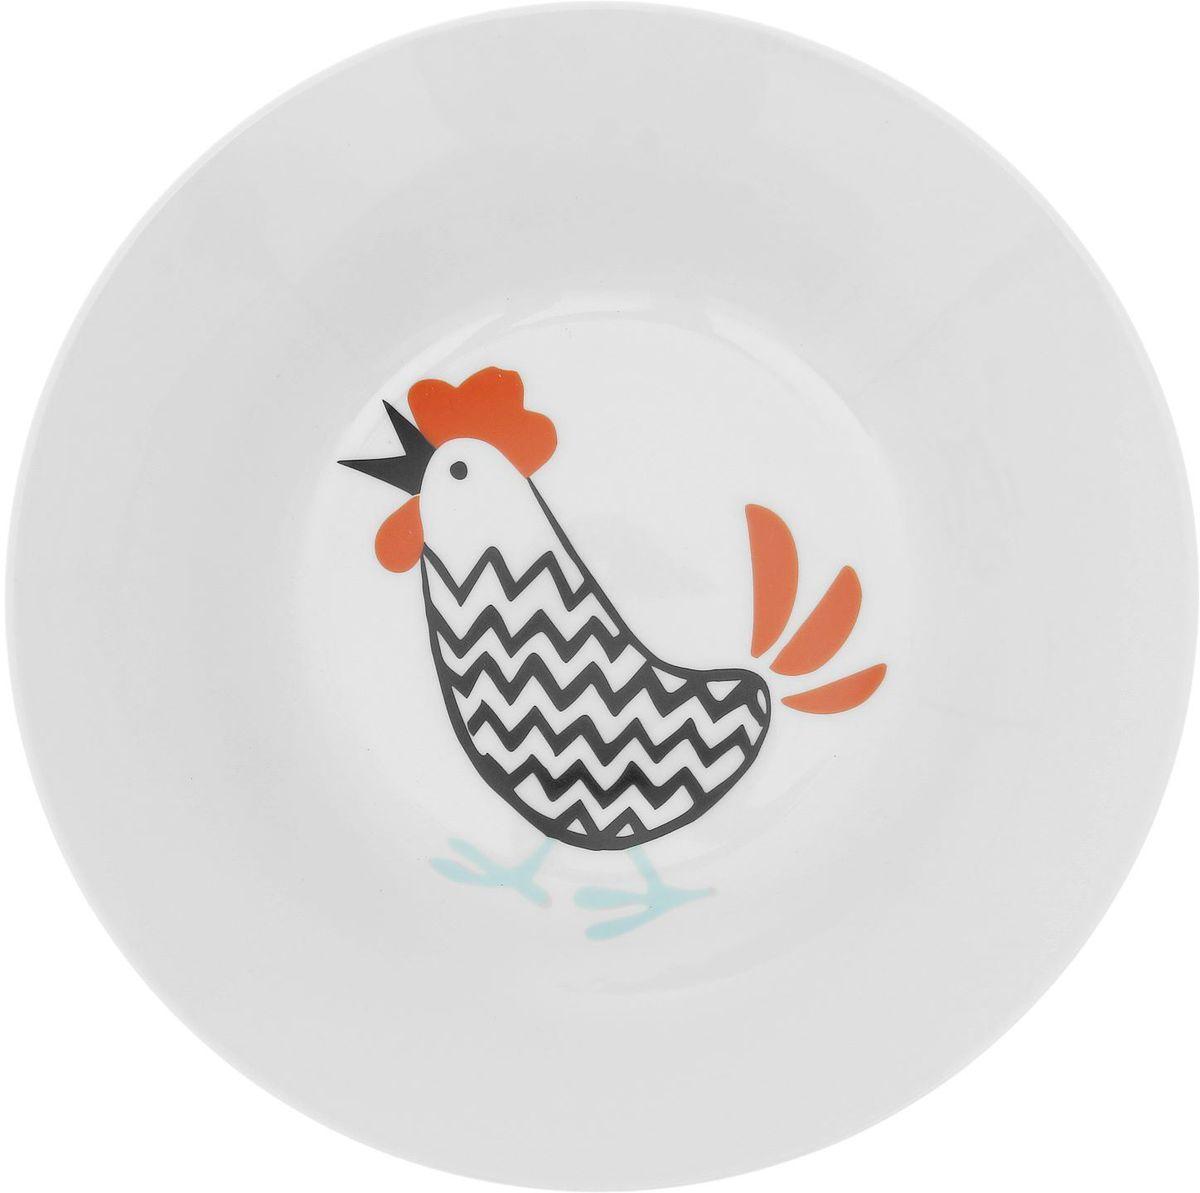 Тарелка глубокая Сотвори чудо Петя, диаметр 20 см тарелка глубокая сотвори чудо полярный мишка диаметр 20 см